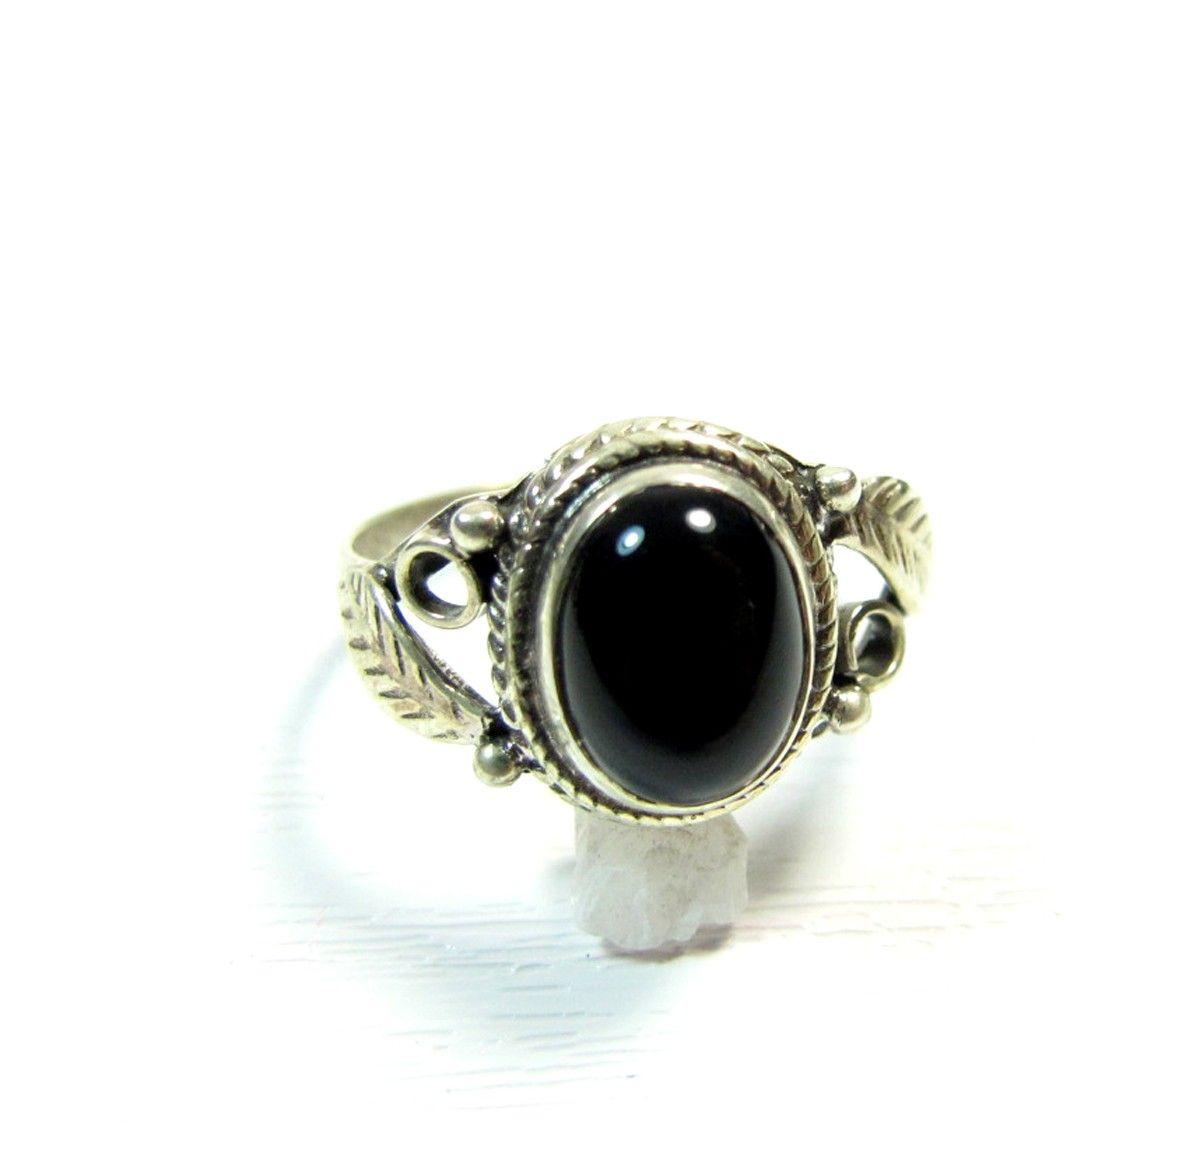 f6d56a008e3 Ce bijou argent indien est une jolie bague fine en argent avec une pierre  ovale en